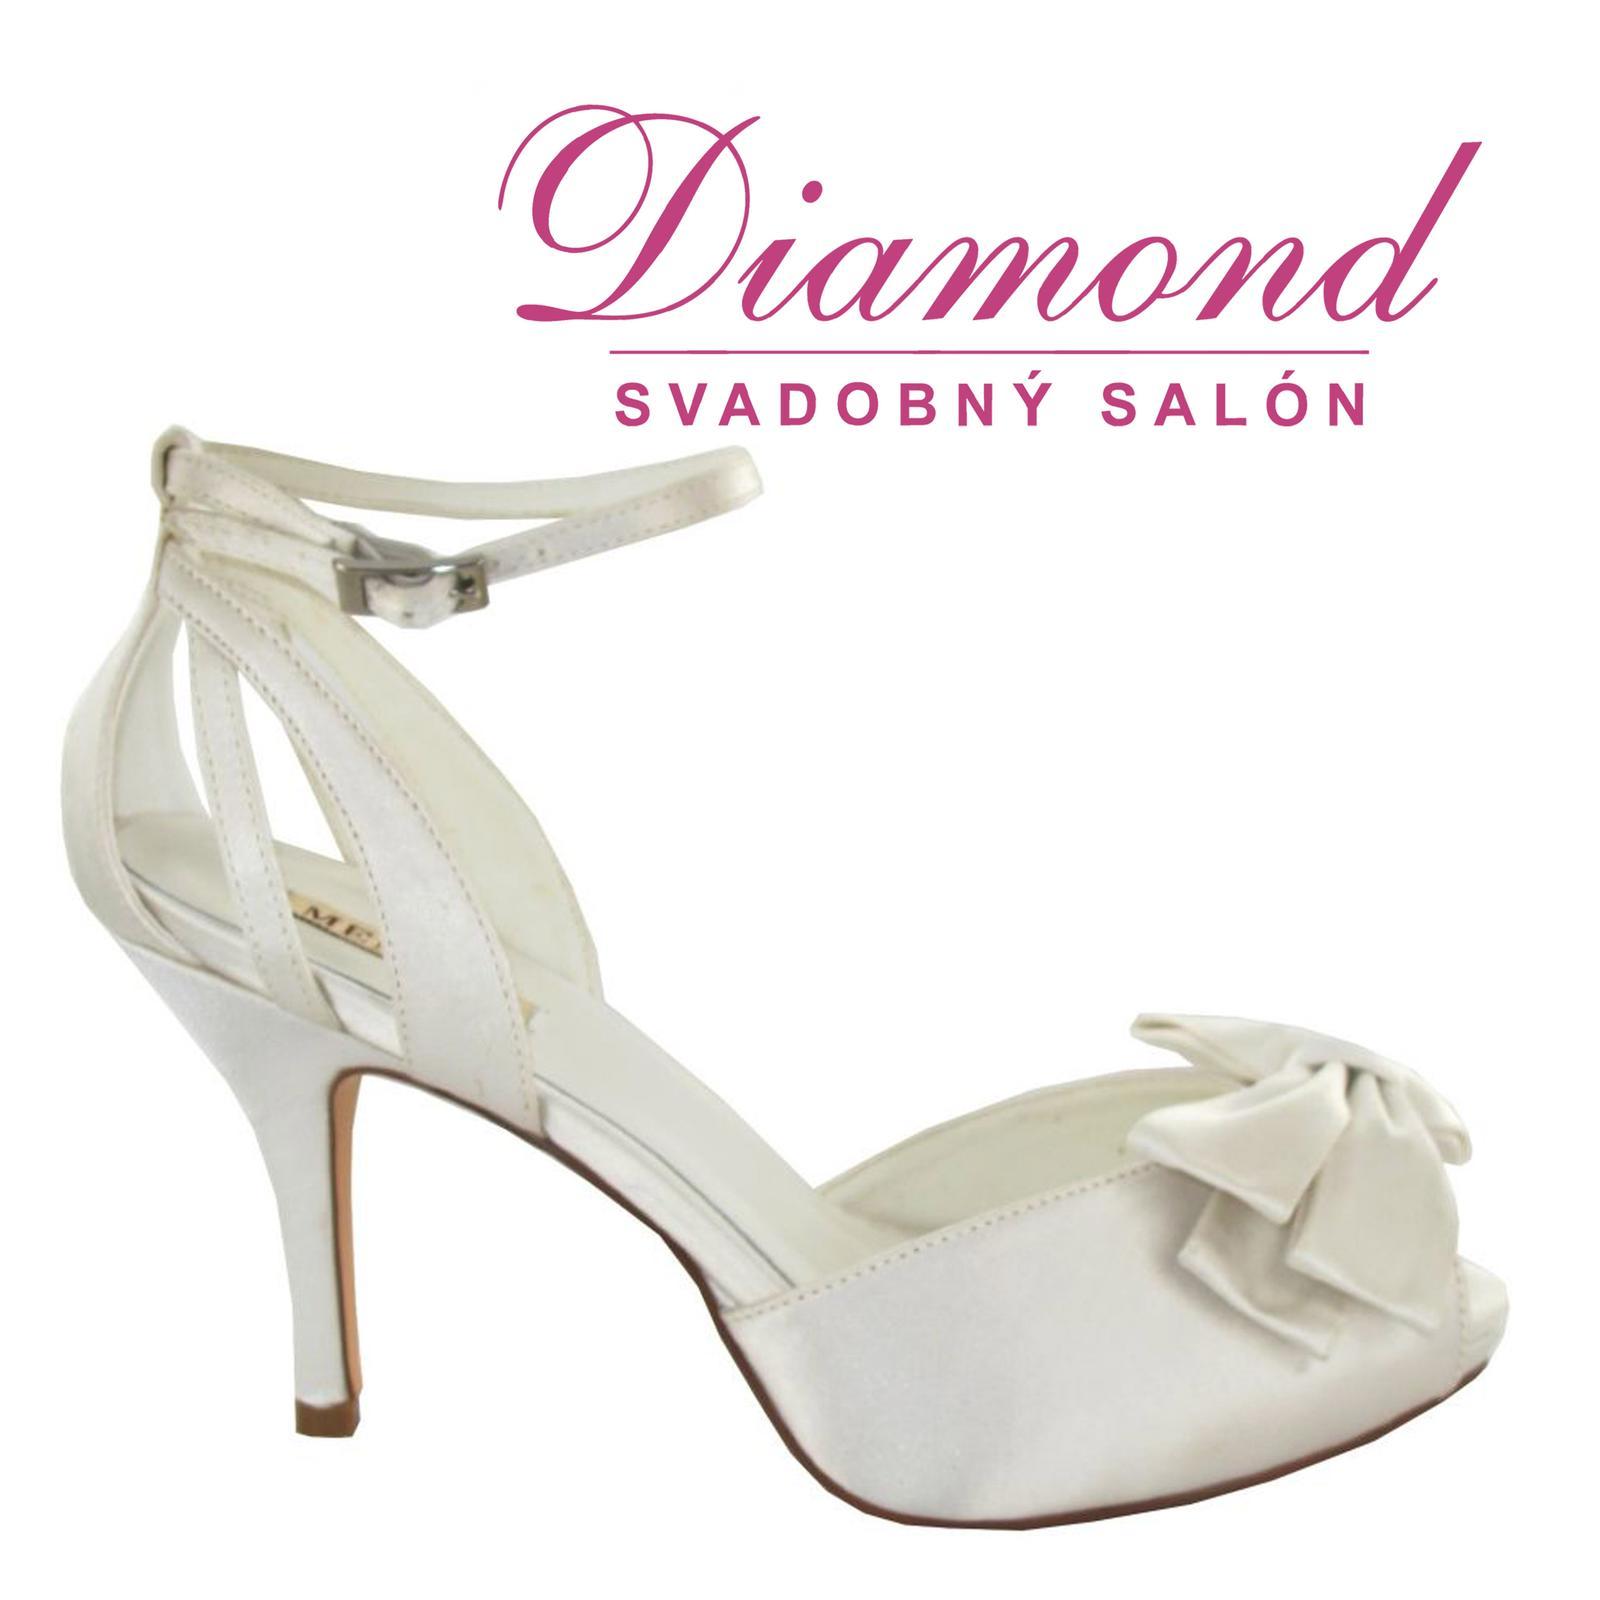 Svadobné topánky Clementina (6972) - Obrázok č. 1